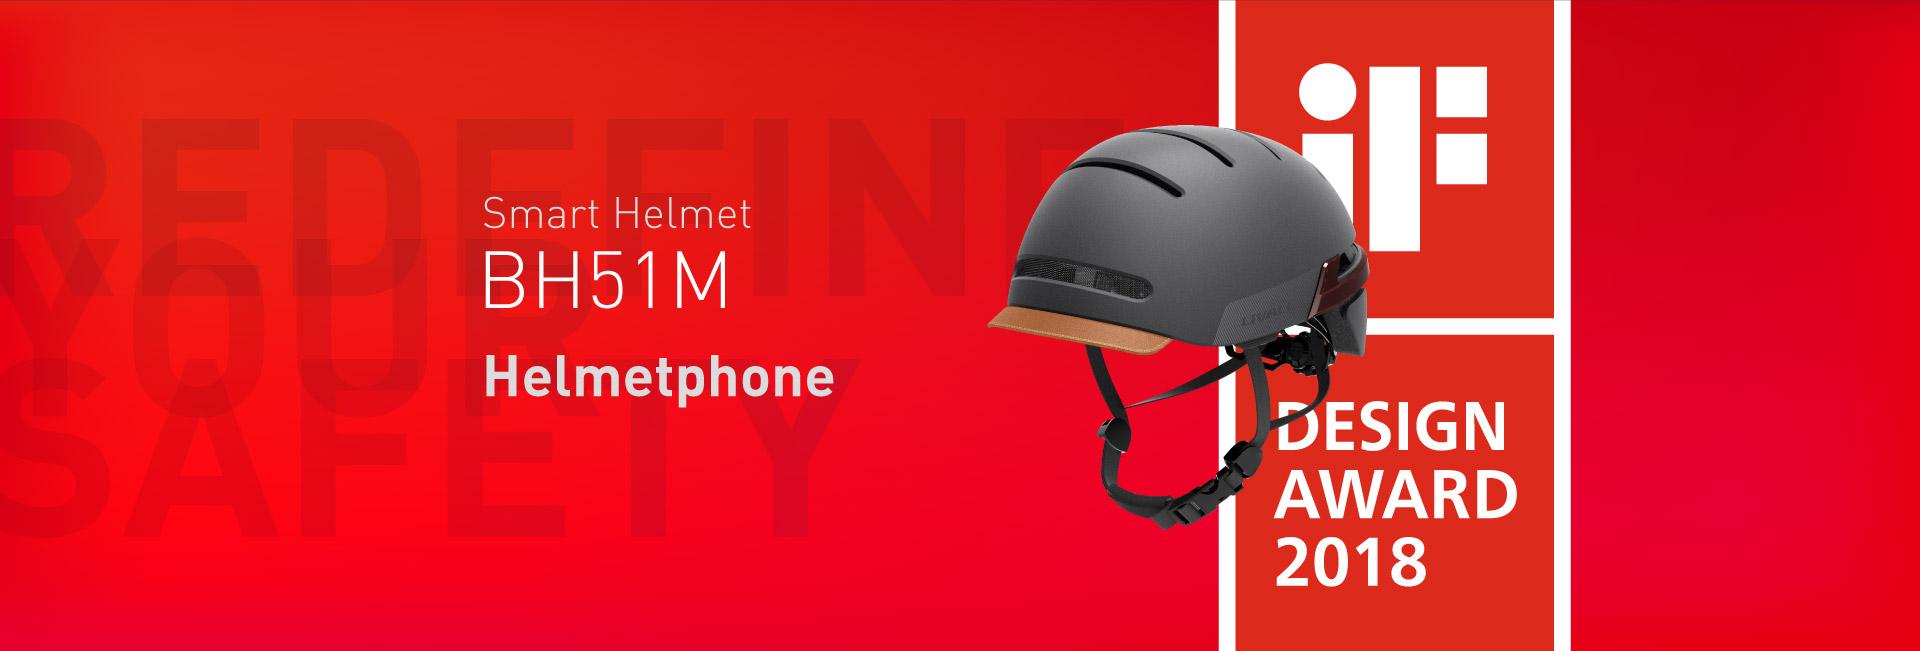 LIVALL-Smart Helmet - Bike Helmet | Bluetooth Helmet | Helmetphone